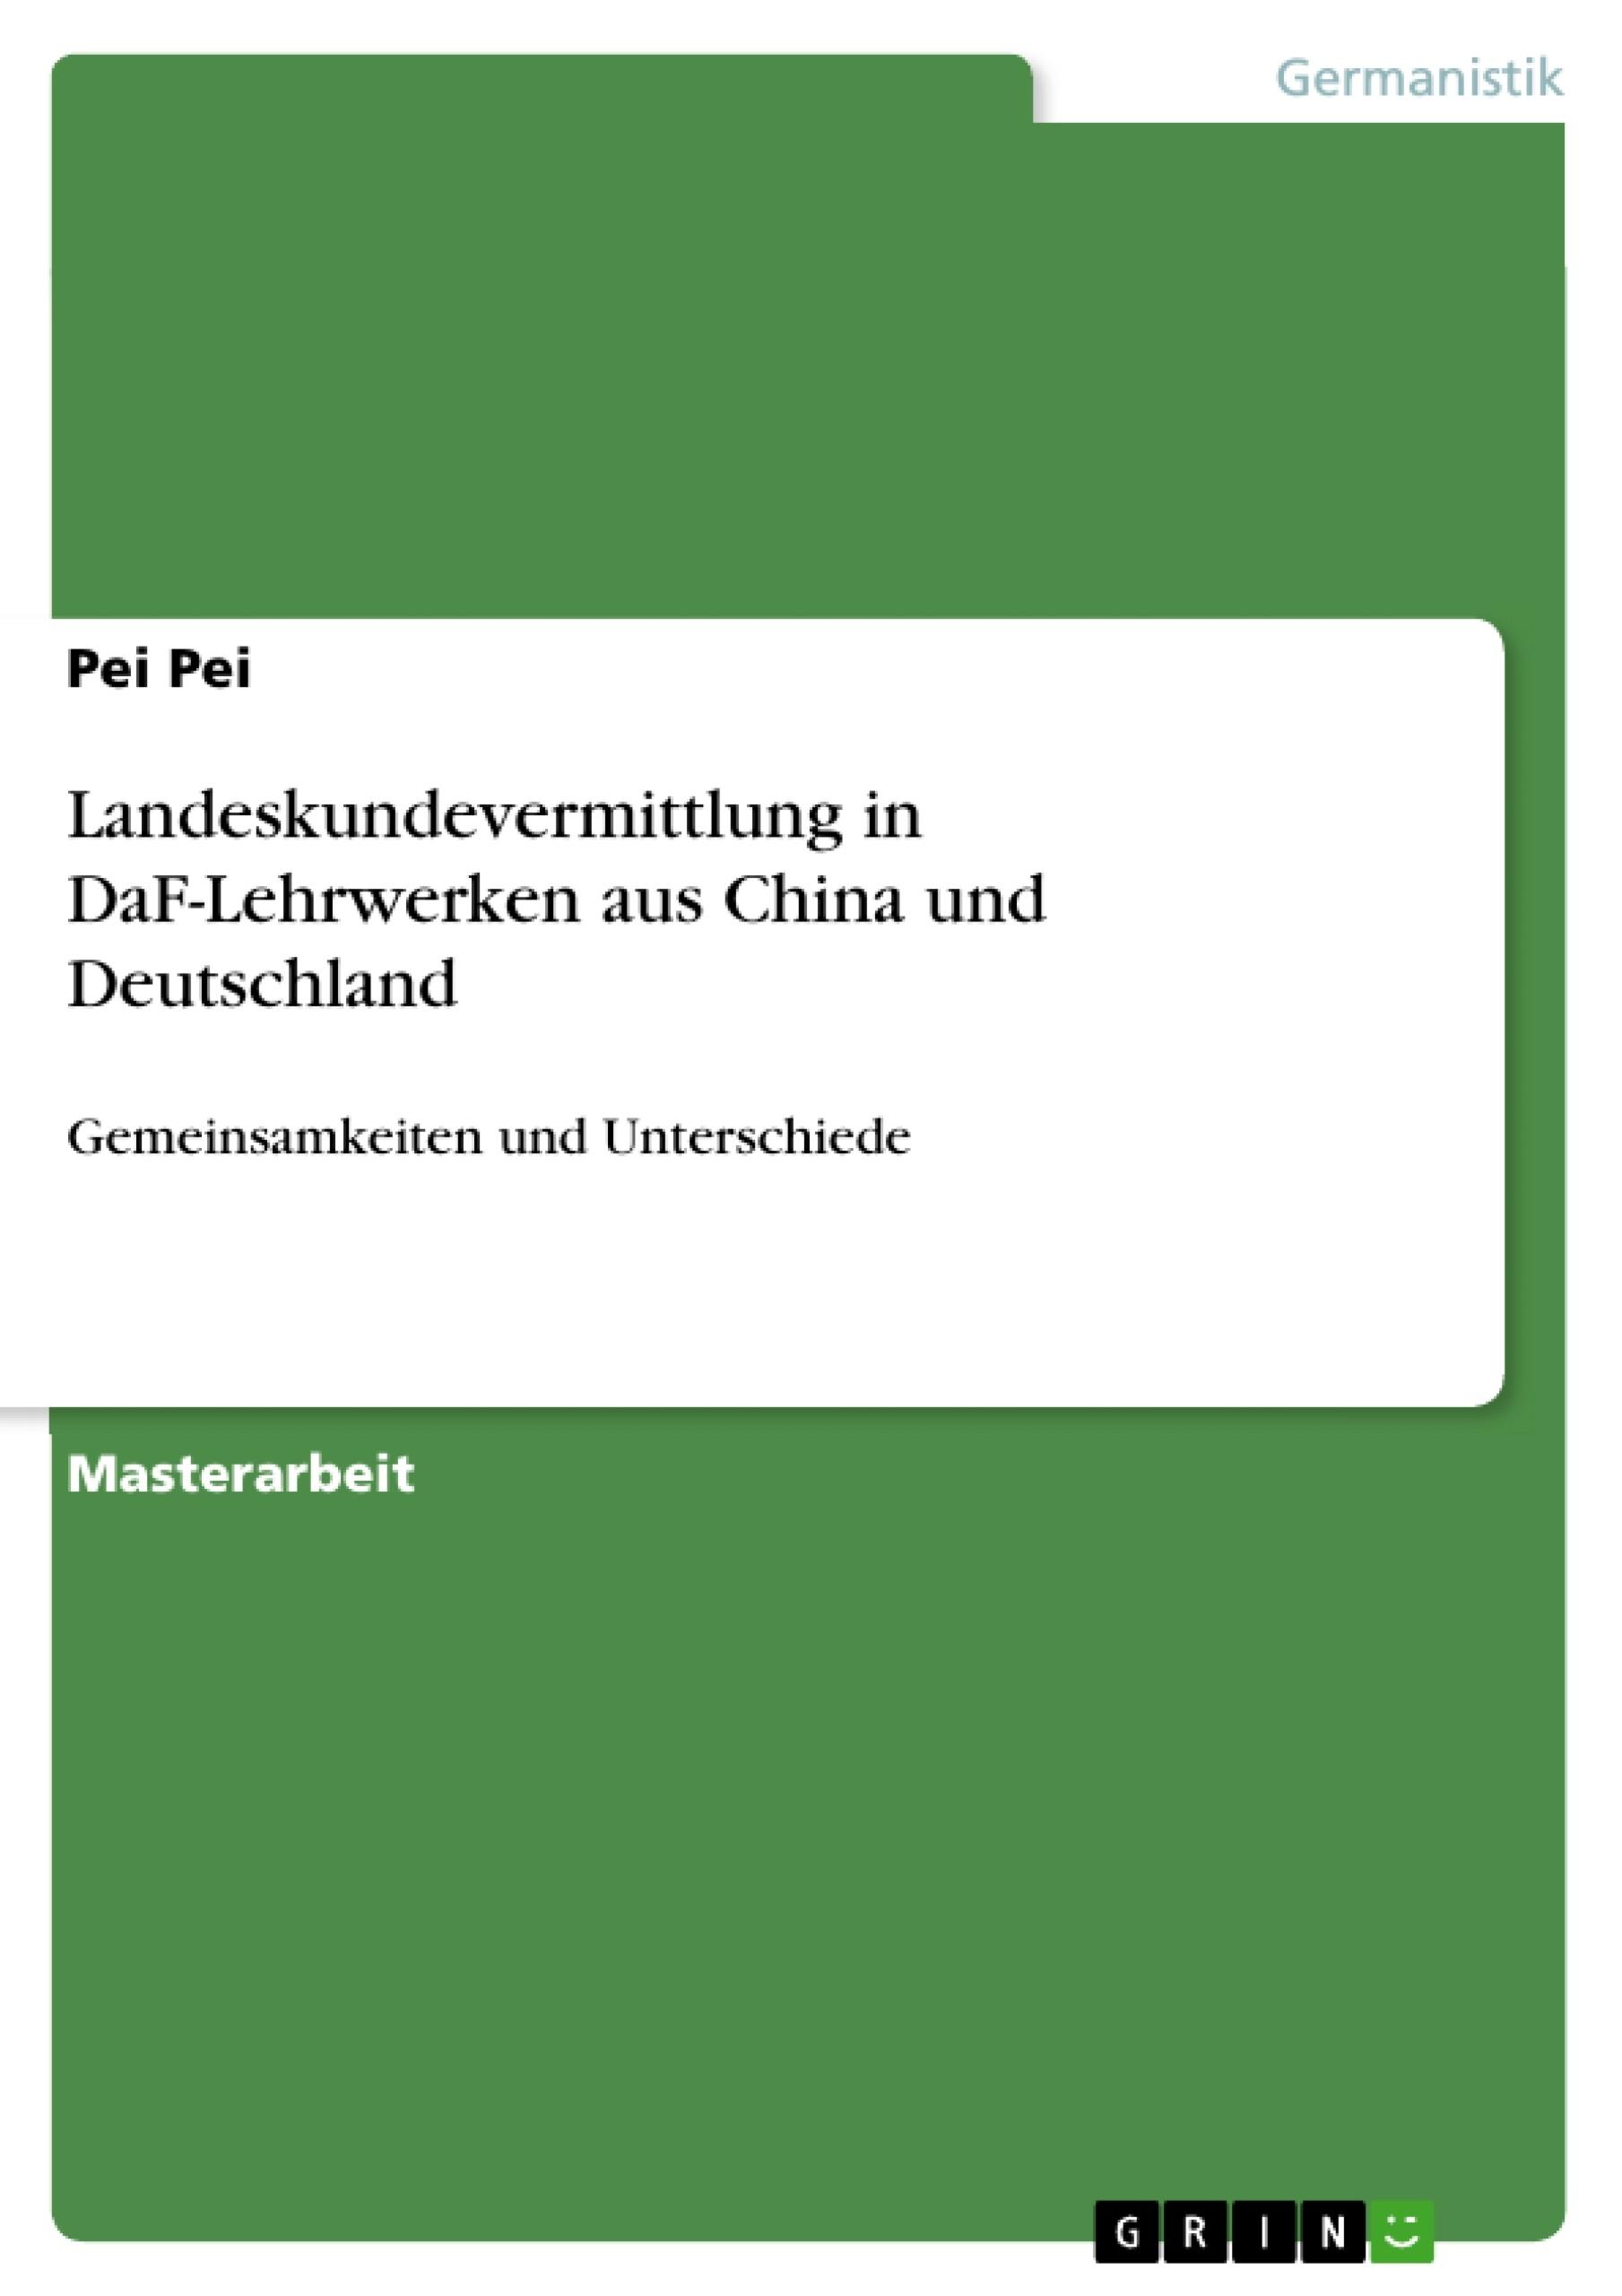 Titel: Landeskundevermittlung in DaF-Lehrwerken aus China und Deutschland